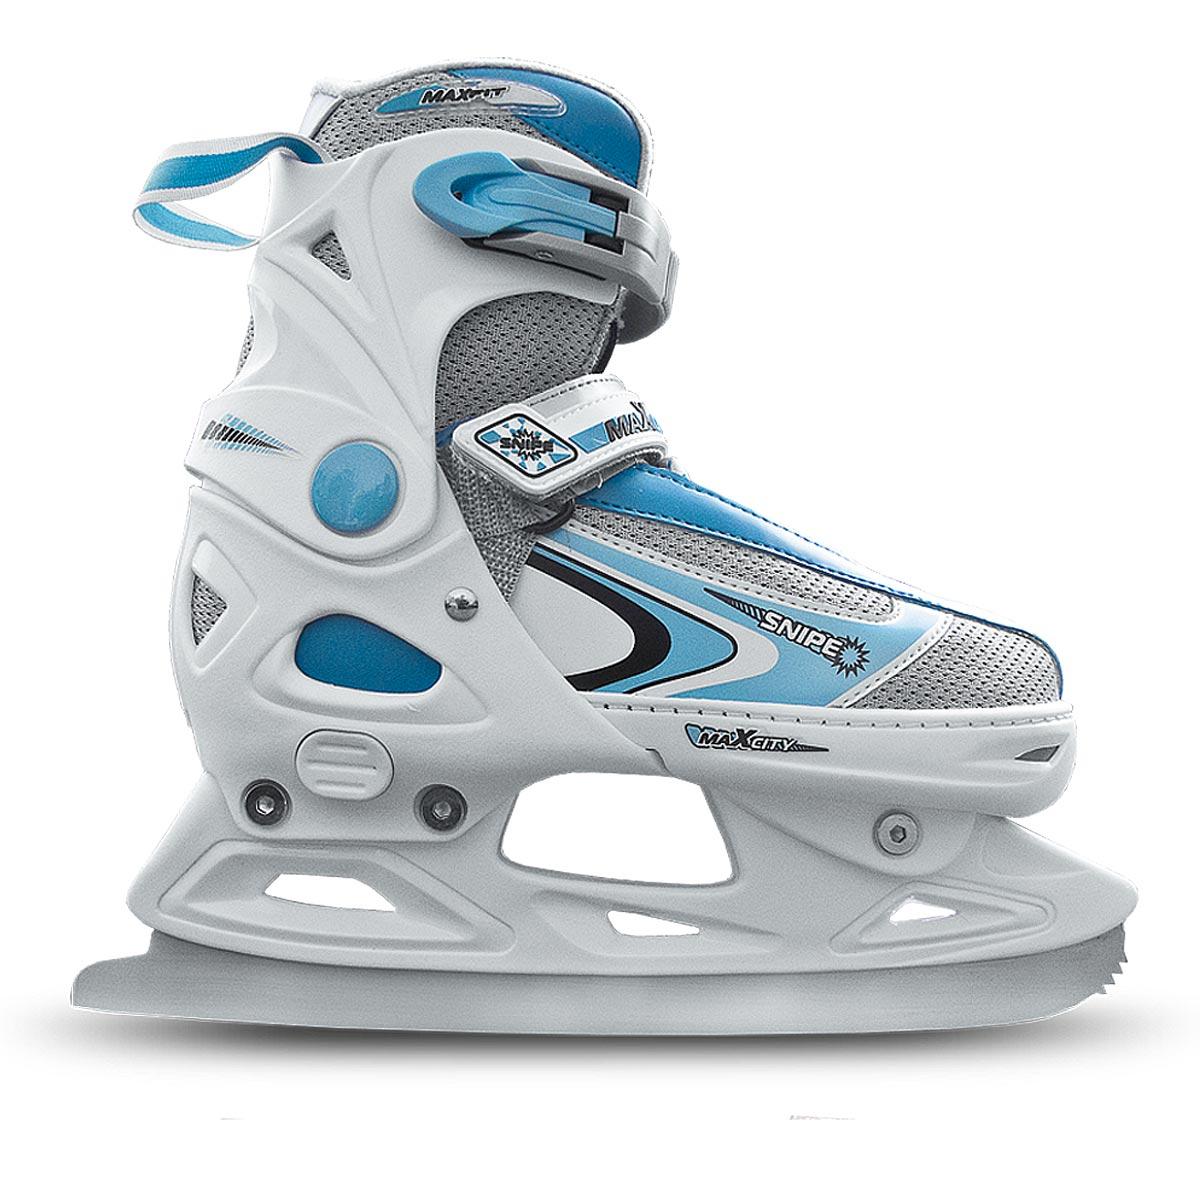 Коньки ледовые женские MaxCity Snipe Girl, раздвижные, цвет: белый, голубой. Размер 37/40SNIPE girl_белый, голубой_37-40Оригинальные раздвижные ледовые коньки MaxCity с ударопрочной защитной конструкцией отлично подойдут для начинающих. Ботинки изготовлены из морозостойкого пластика, который защитит ноги от ударов, и дополнены нейлоном. Внутренний материал из вельвета и капровелюра отлично согревает и обеспечивает комфорт во время движения. Нейлоновые вставки на язычке предотвращают перегревание и отводят влагу. Высокий ботинок обеспечивает отличную поддержку ноги. Модель застегивается несколькими способами для надежной фиксации ноги - классическая шнуровка, липучка Velcro и пластиковые затягивающиеся ремешки. Стальное лезвие обеспечит превосходное скольжение. Основная особенность коньков - возможность изменения размера. Изменение длины ботинка осуществляется достаточно просто и занимает несколько секунд.